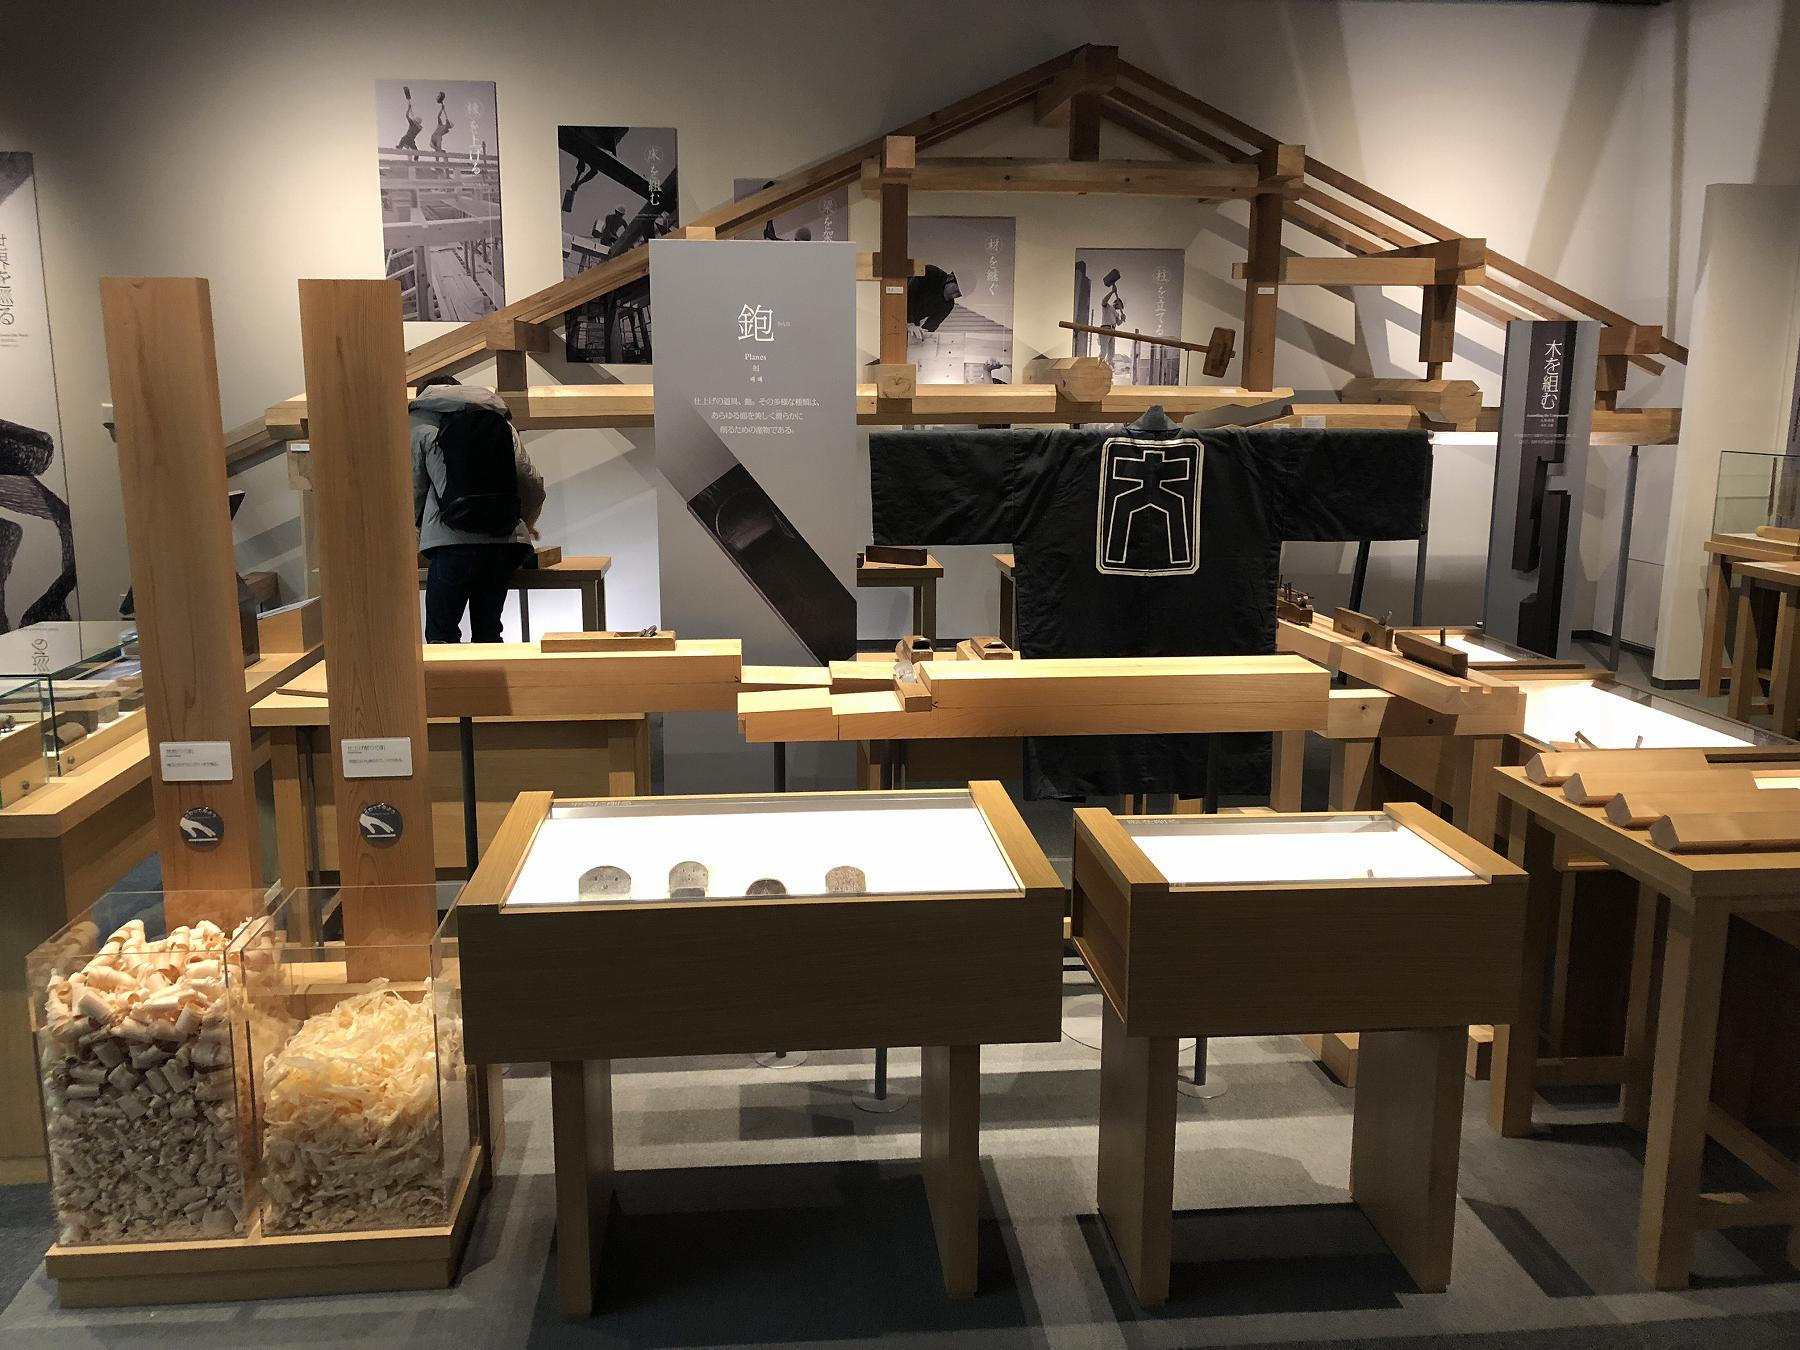 【写真撮影OK!】新神戸駅近くにある「竹中大工道具館」を見学してみた! #竹中大工道具館 #日本建築 #神戸観光